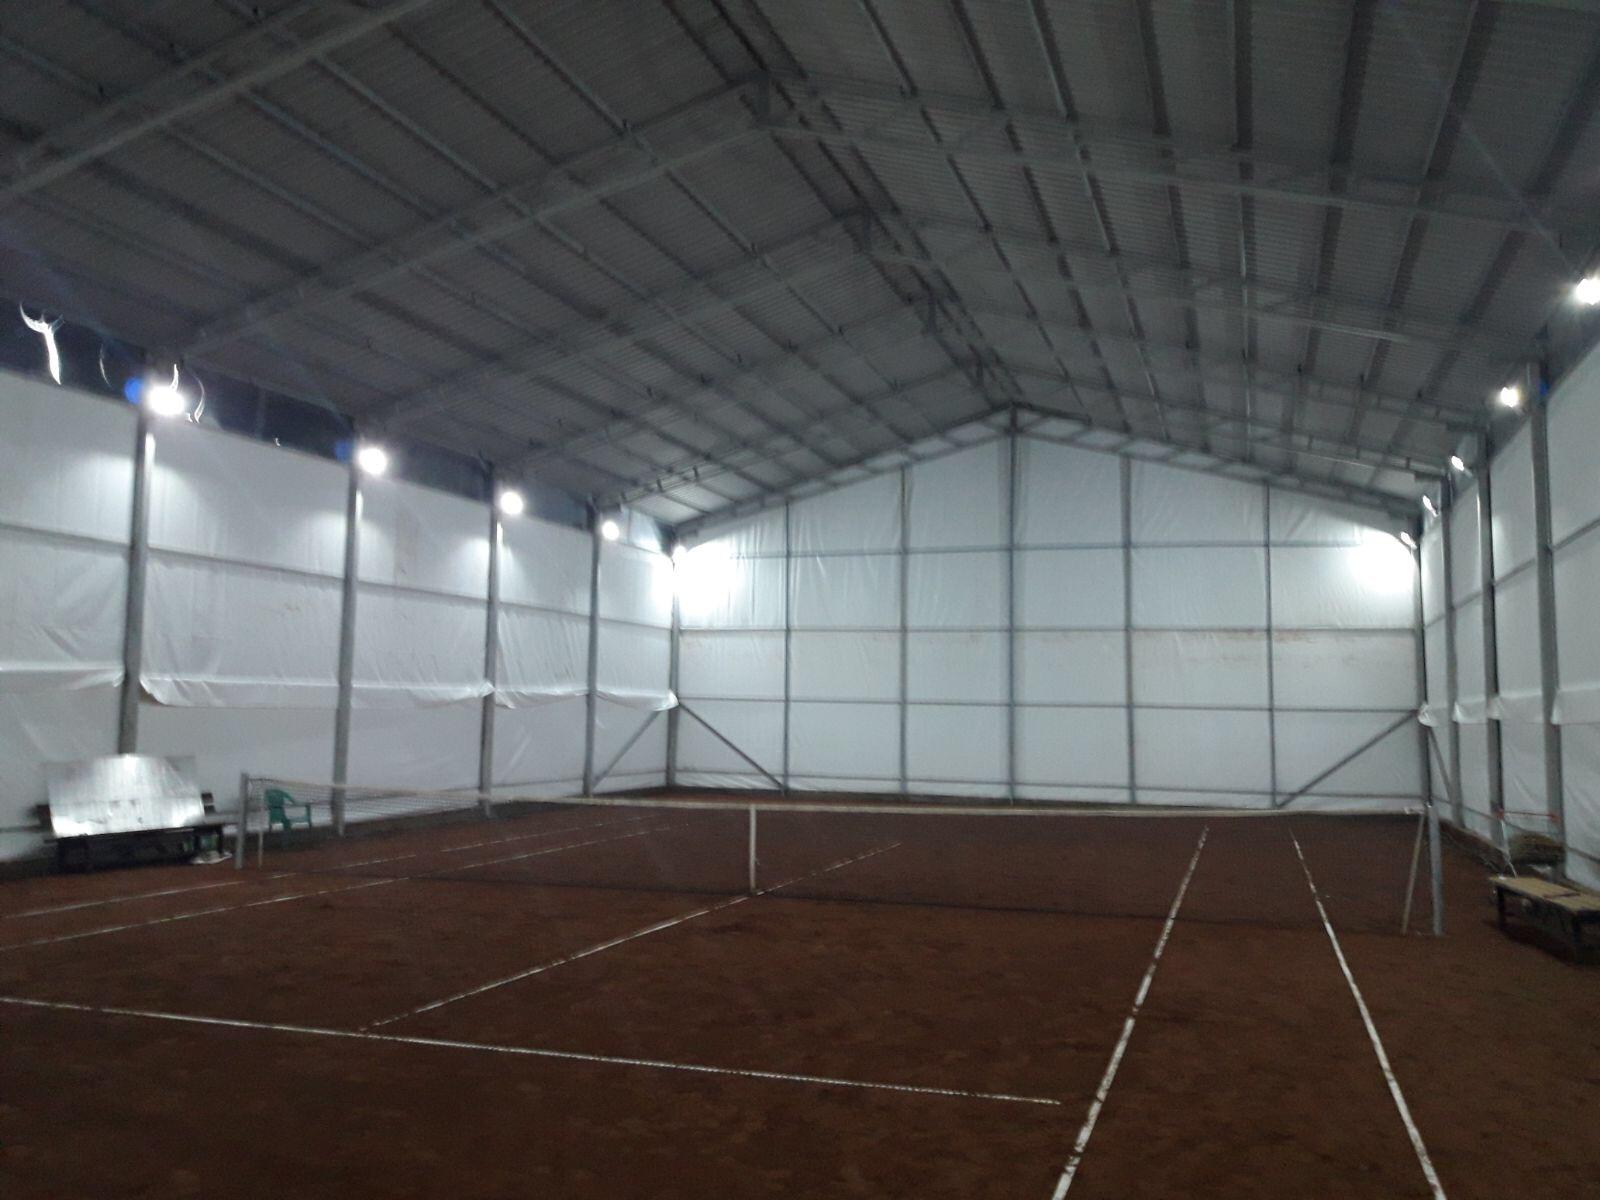 Acoperire teren tenis cu prelata